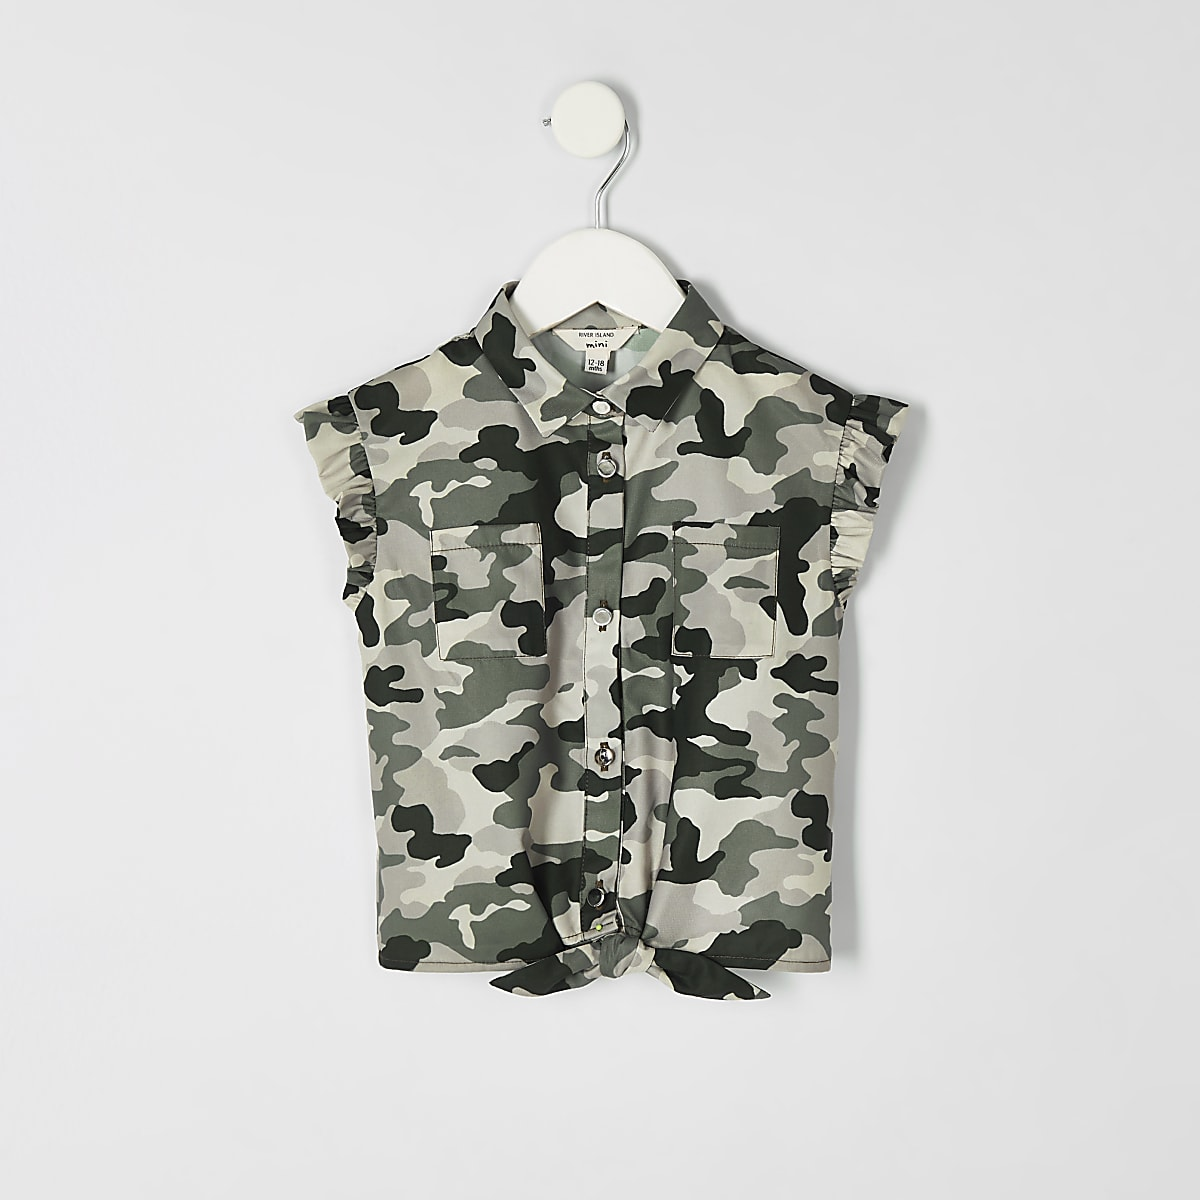 Mini - Kaki overhemd met camouflageprint en strik voor meisjes